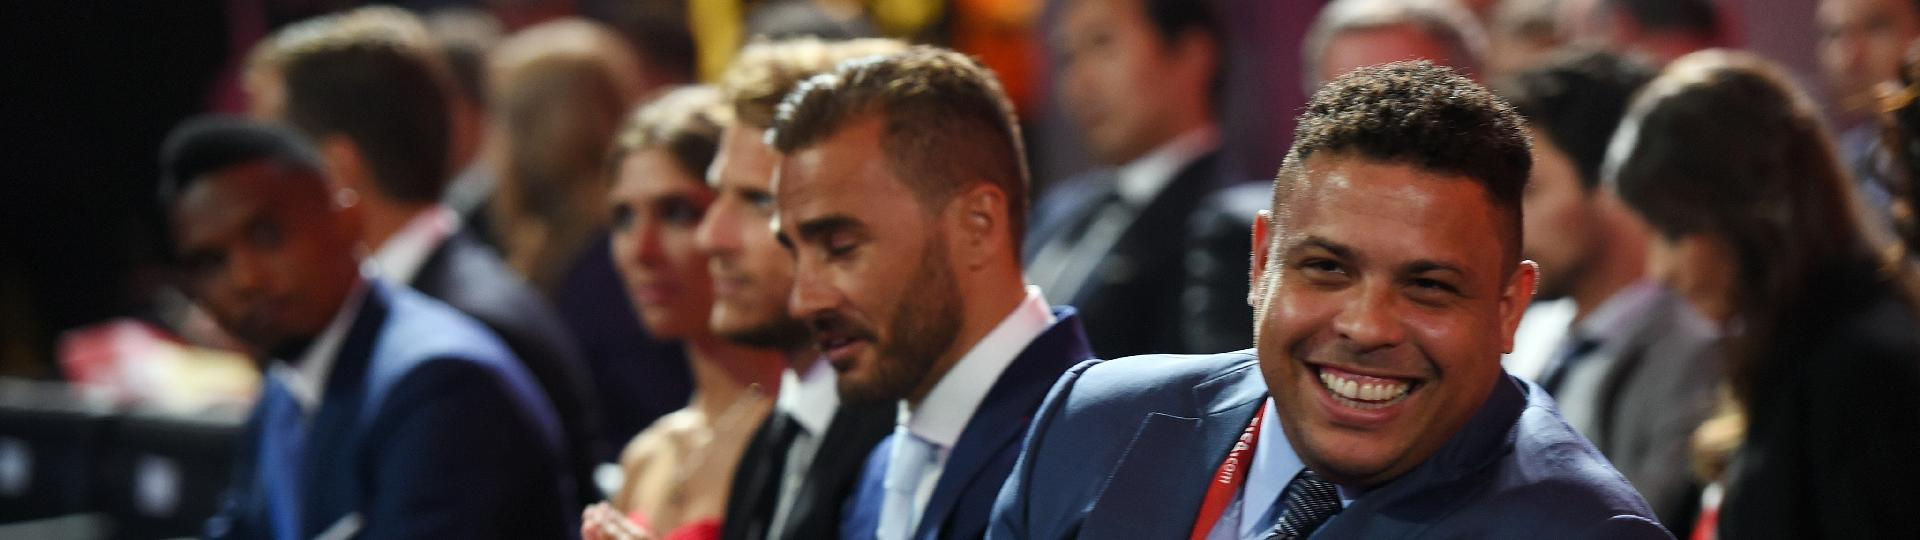 Ronaldo se tornou acionista majoritário do Real Valladolid em setembro deste ano